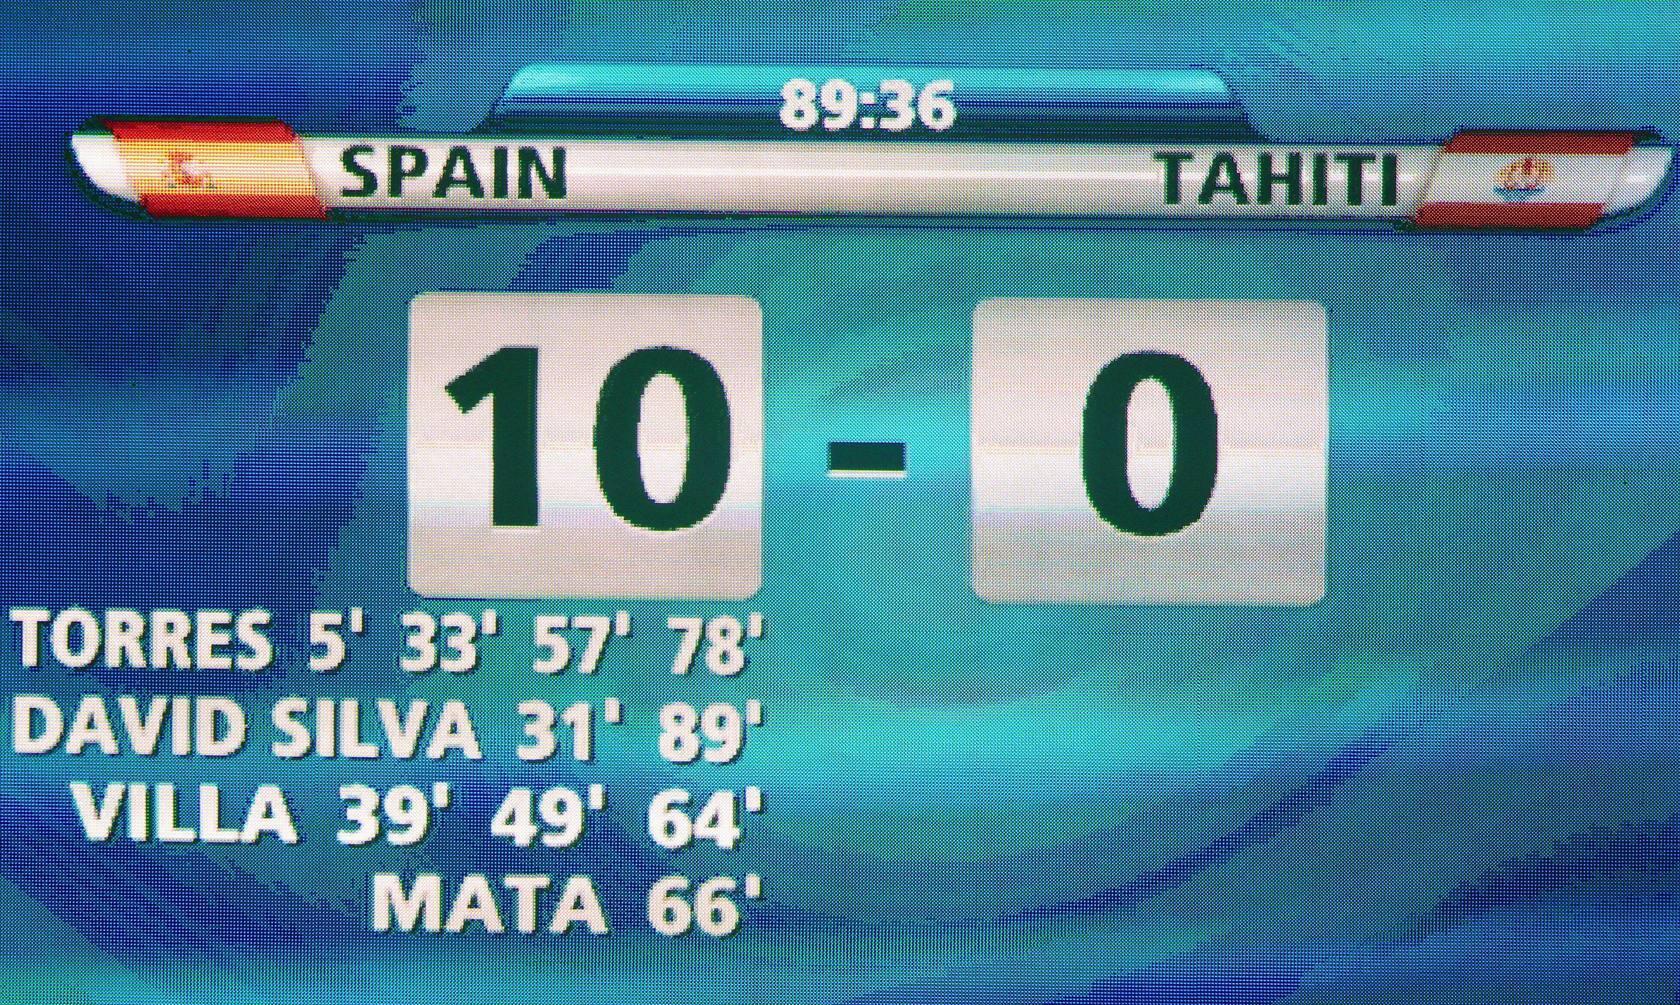 España-Tahití (fase de grupos de la Copa Confederaciones)